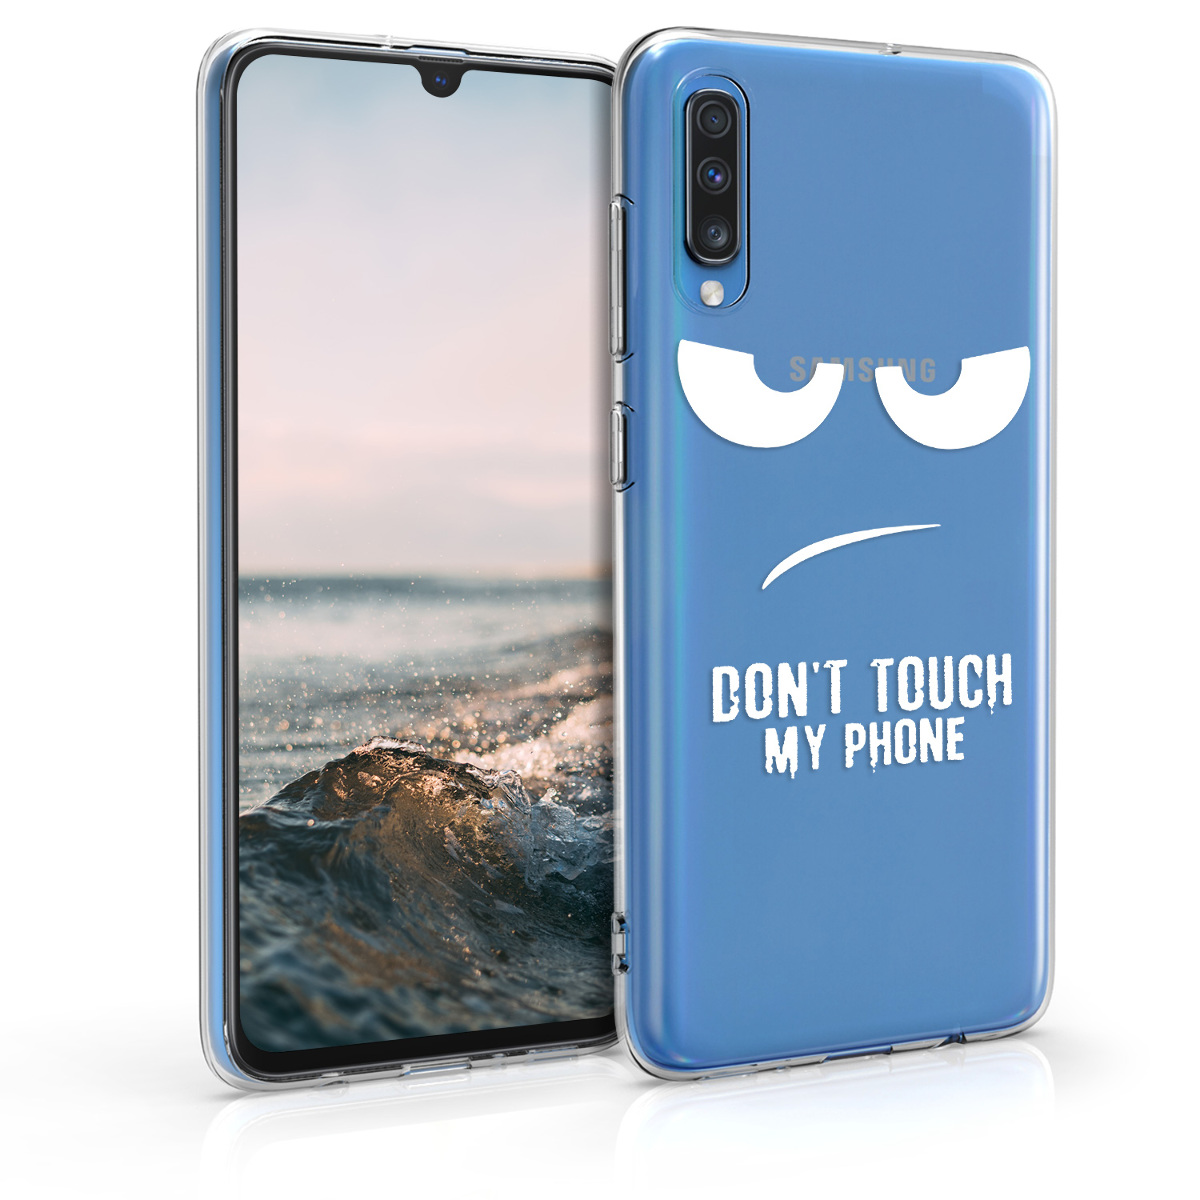 Kvalitní silikonové TPU pouzdro pro Samsung A70 - Do not Touch My Phone bílé / transparentní